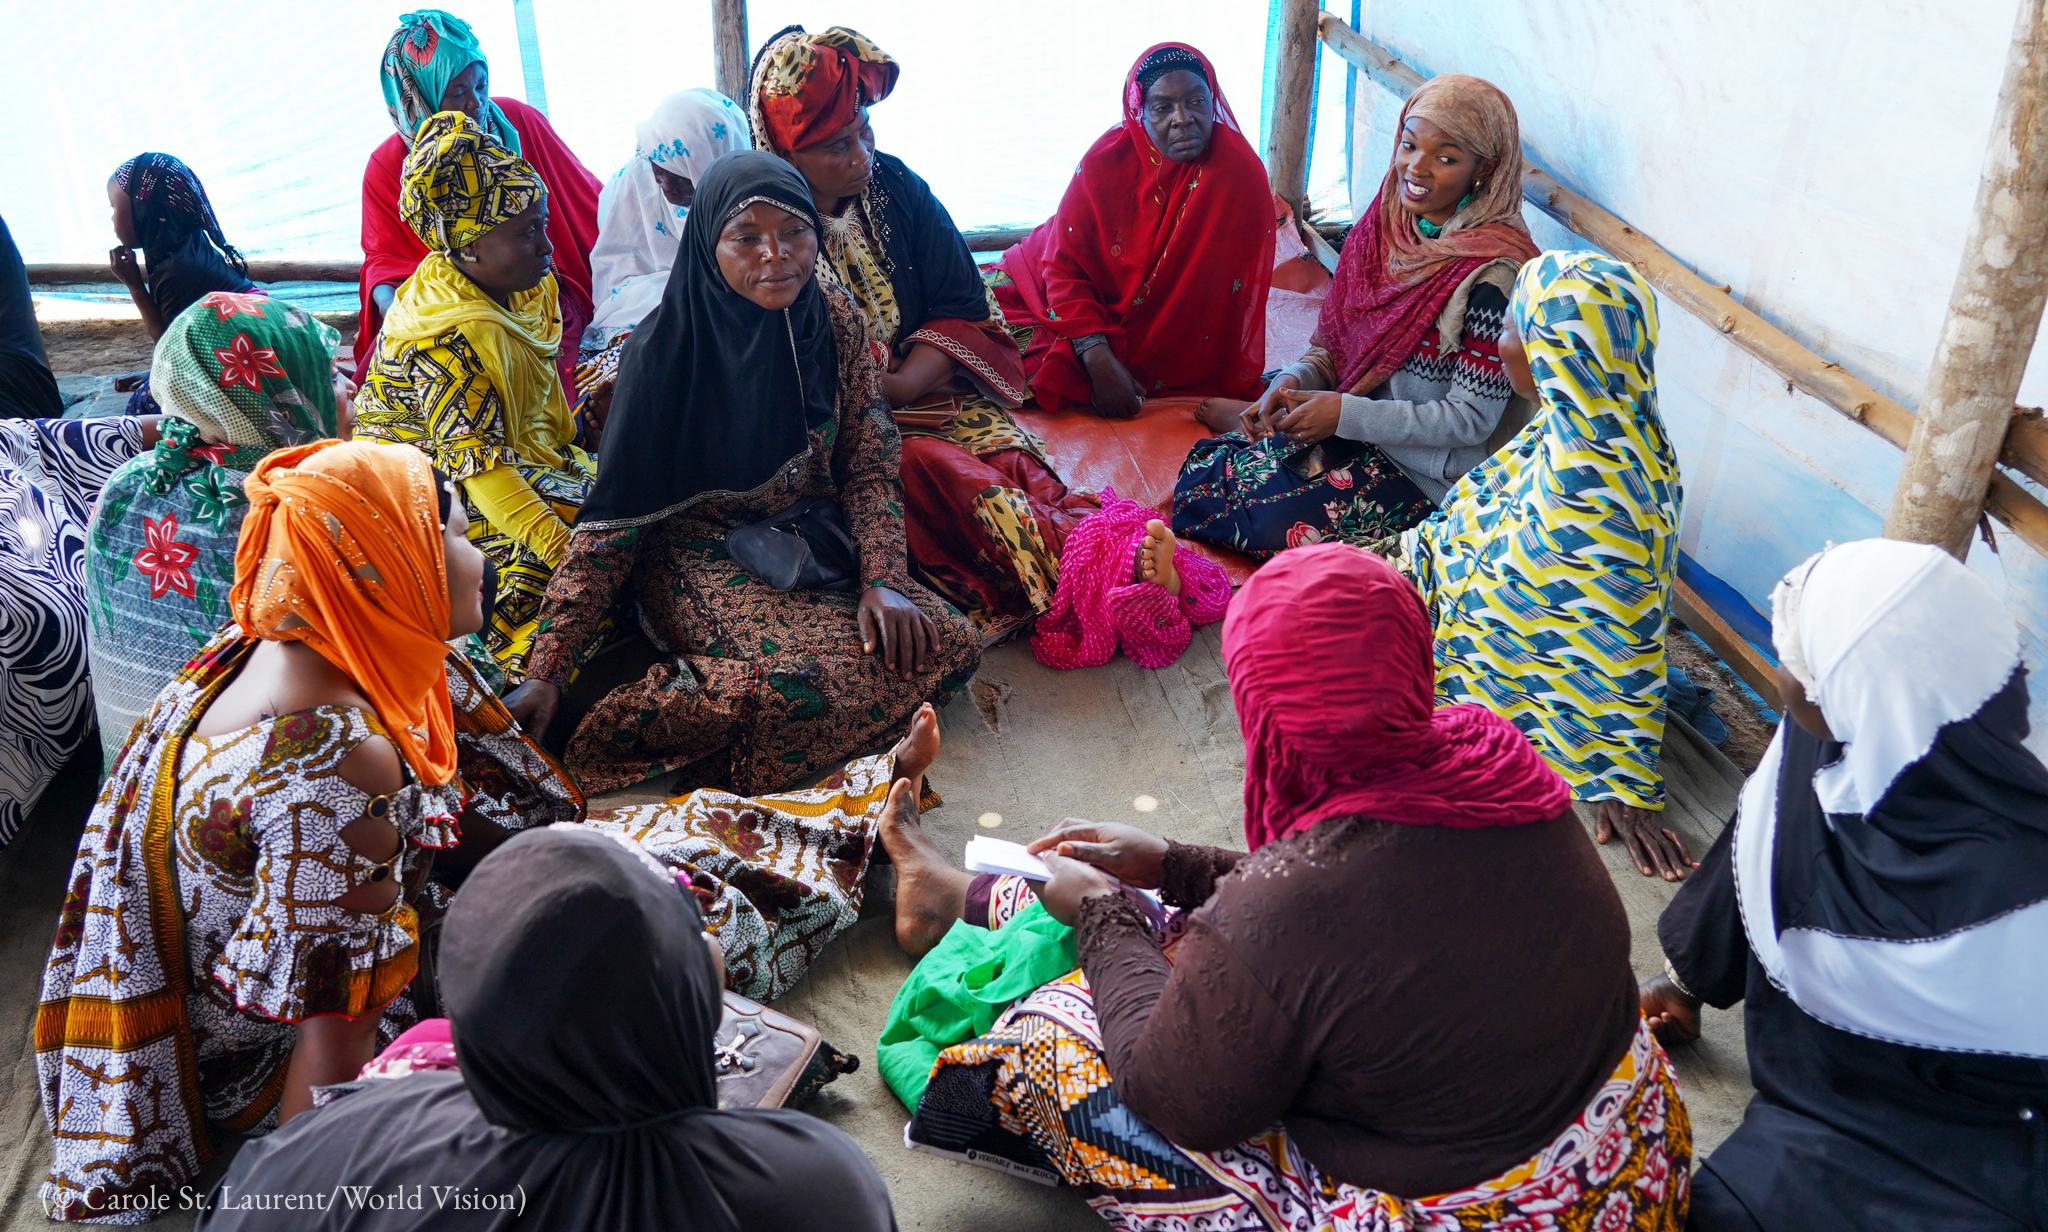 Mujeres con ropas de colores y pañuelos en la cabeza sentadas en círculo en el piso (© Carole St. Laurent/World Vision)